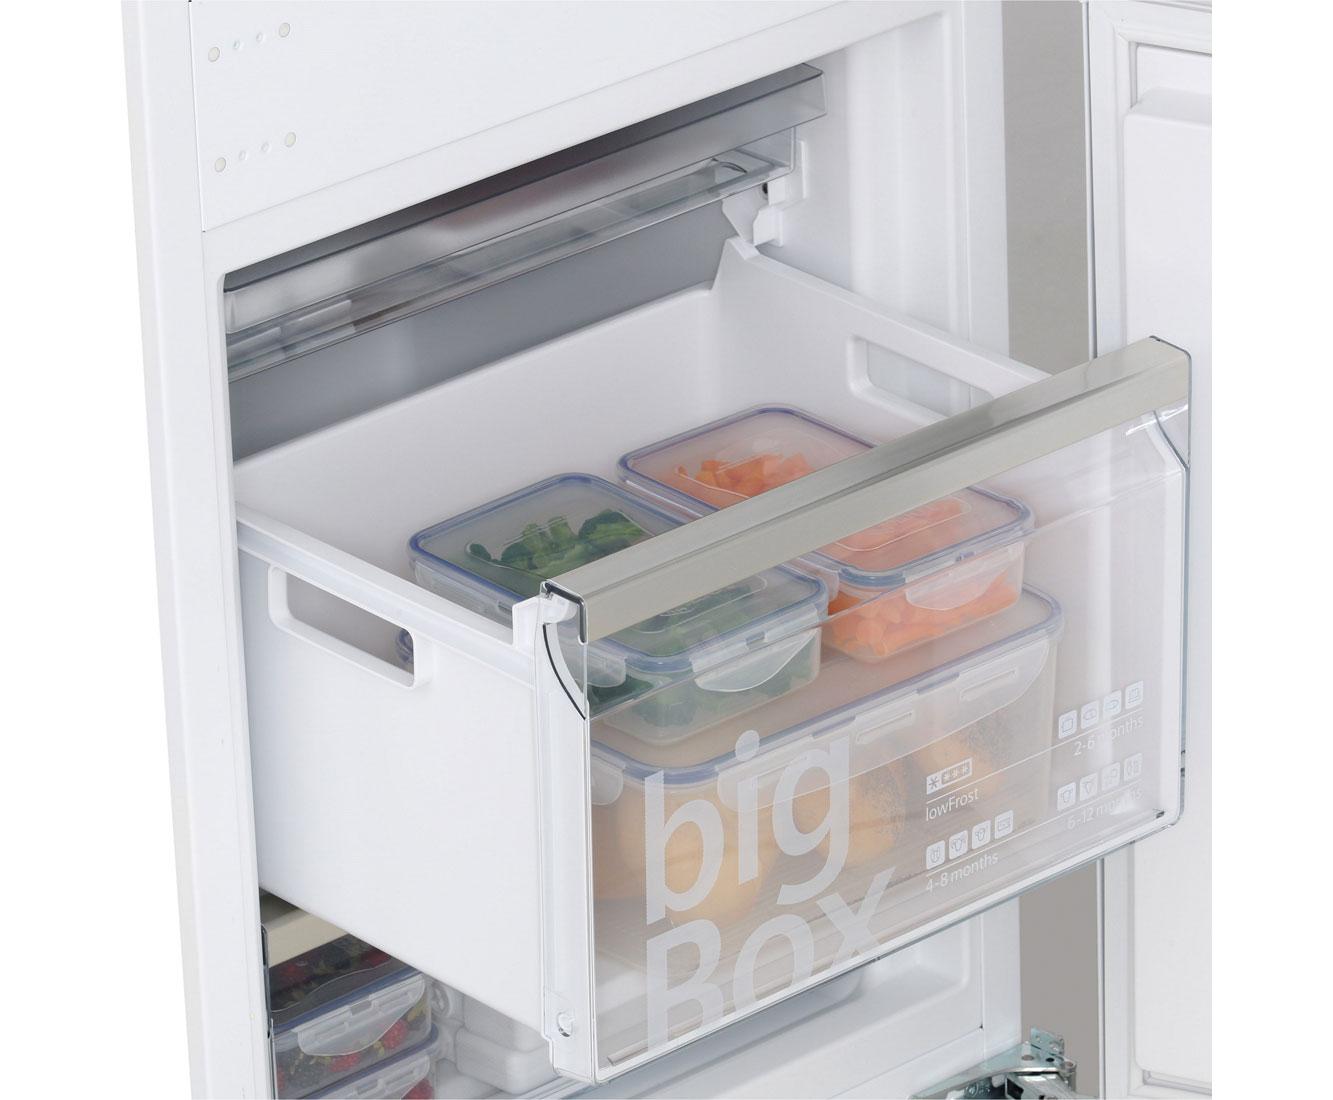 Siemens Kühlschrank Alarm Leuchtet : Siemens iq ki sad einbau kühl gefrierkombination er